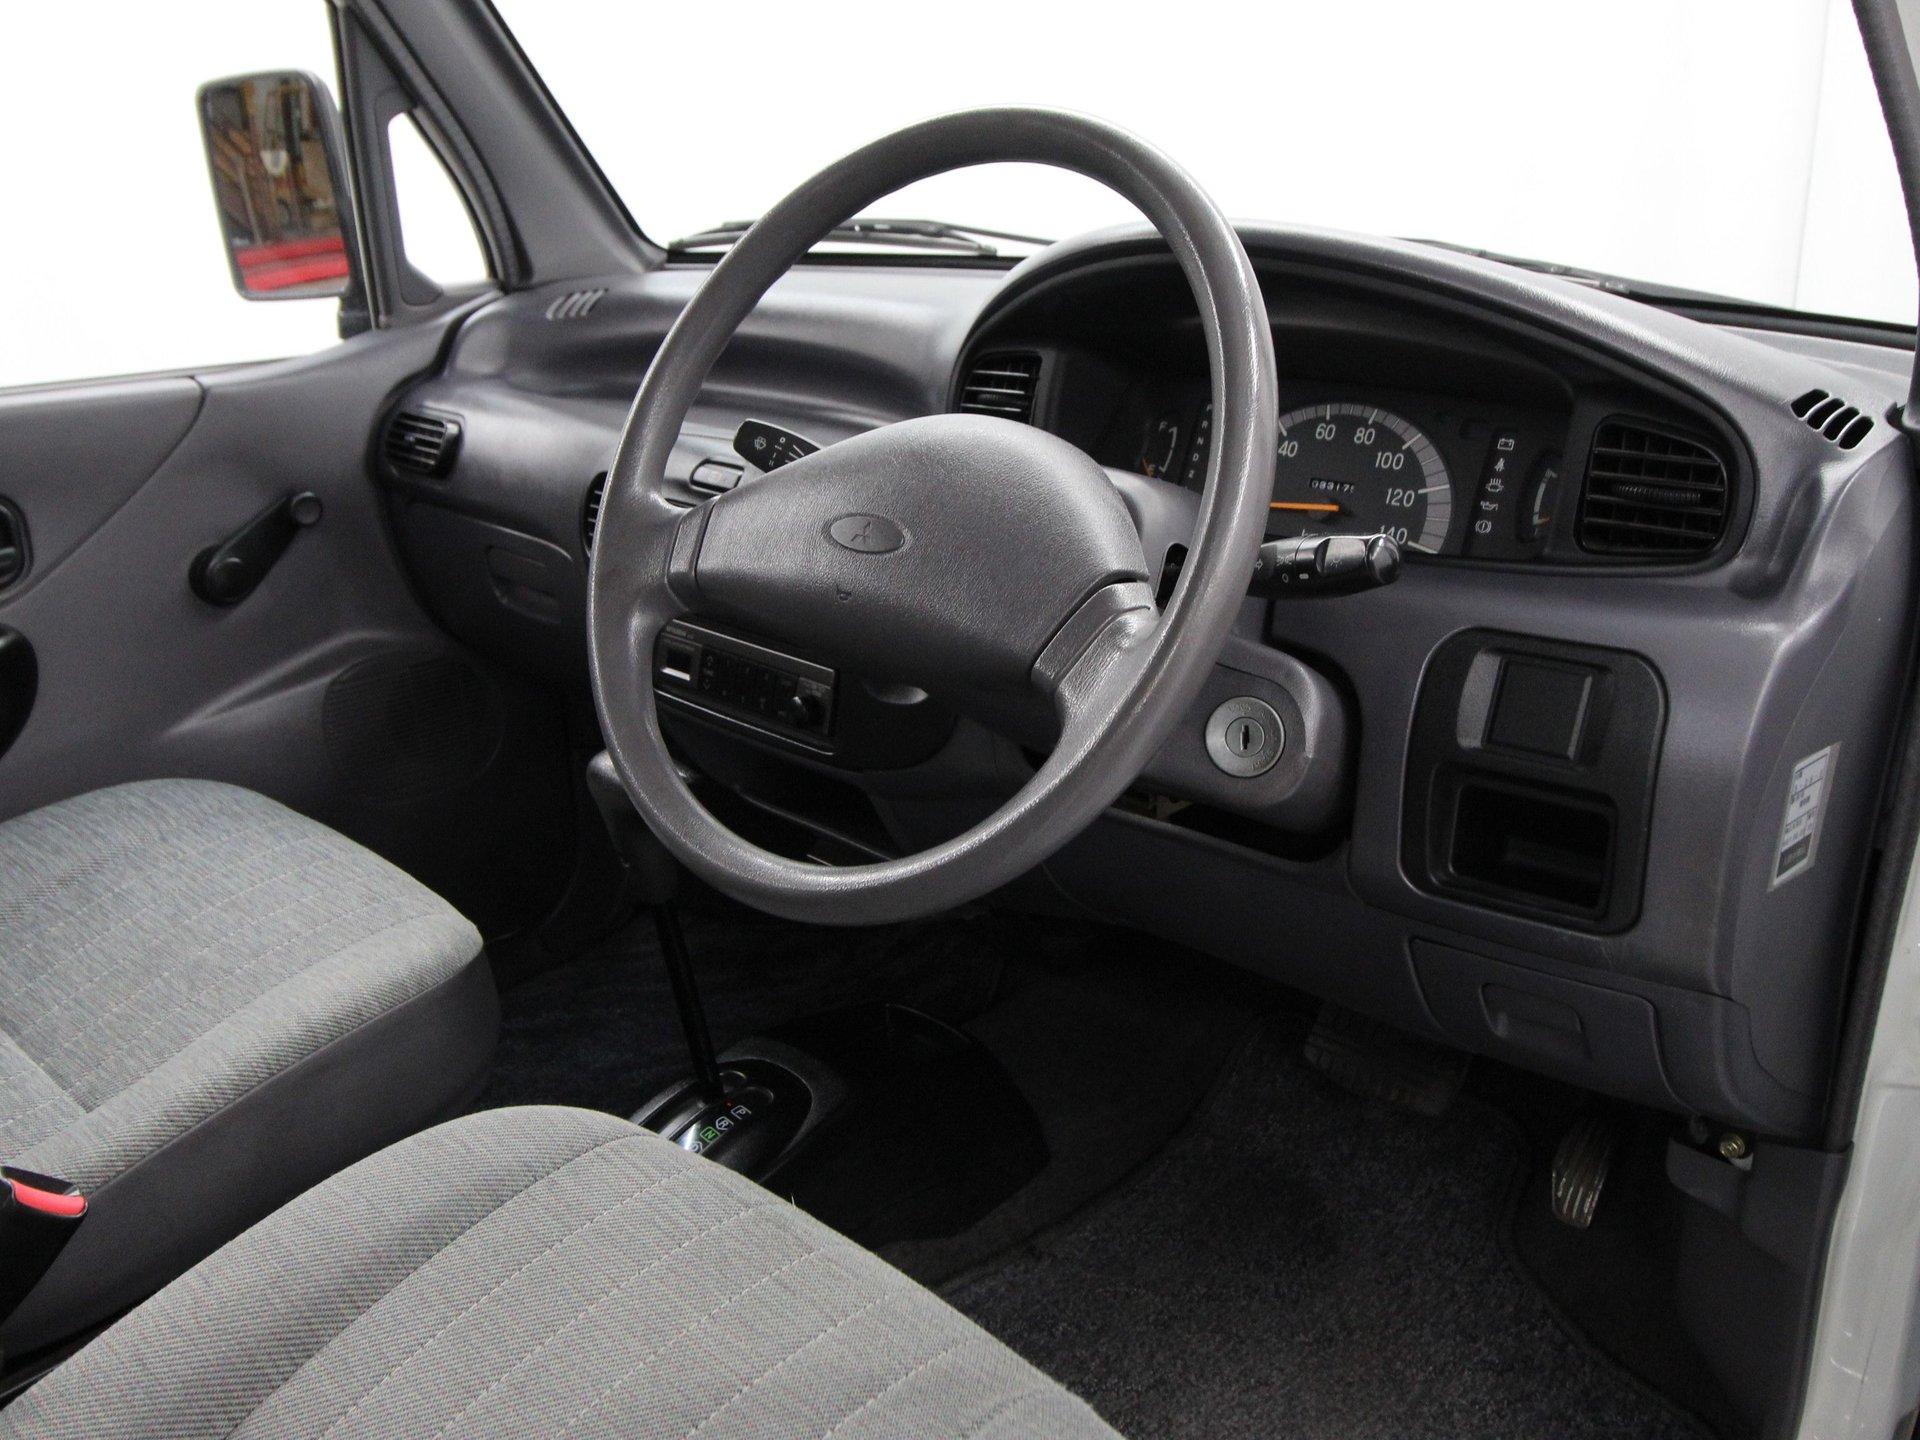 1995 Mitsubishi Minica